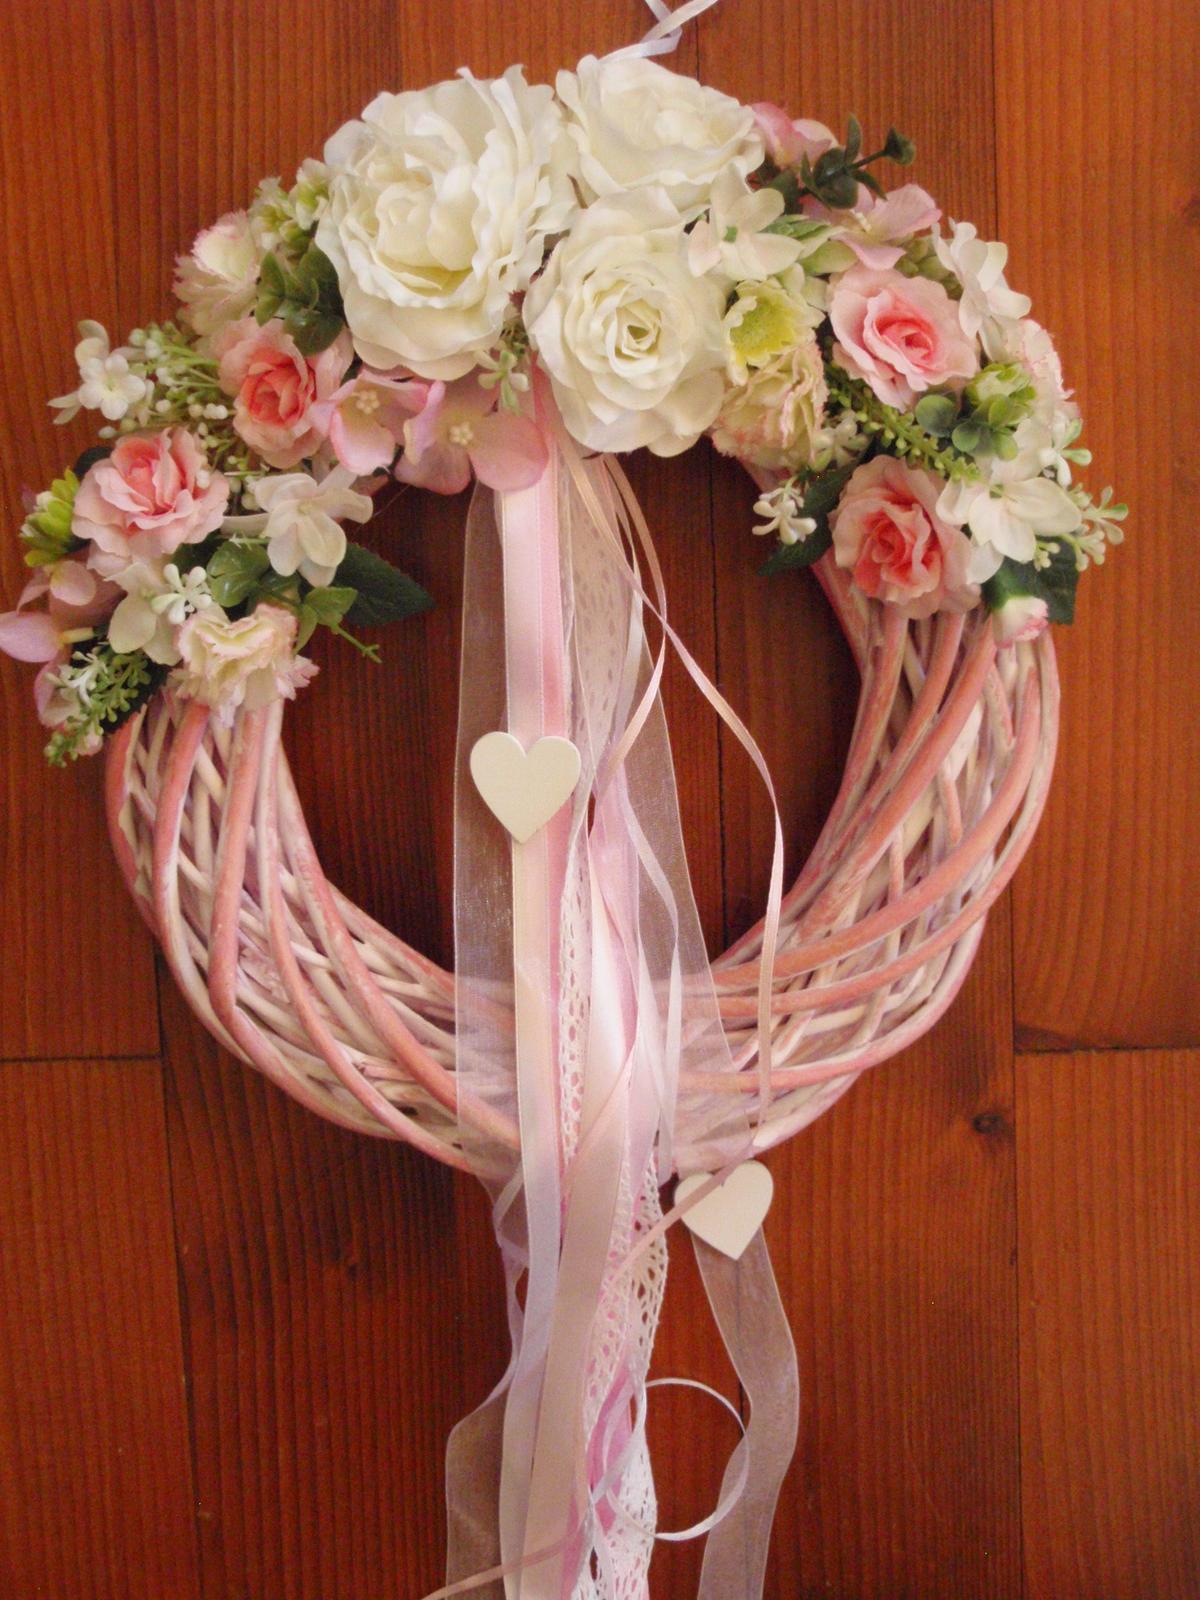 268. Ružovo-biely veniec so srdiečkami 30cm - Obrázok č. 1